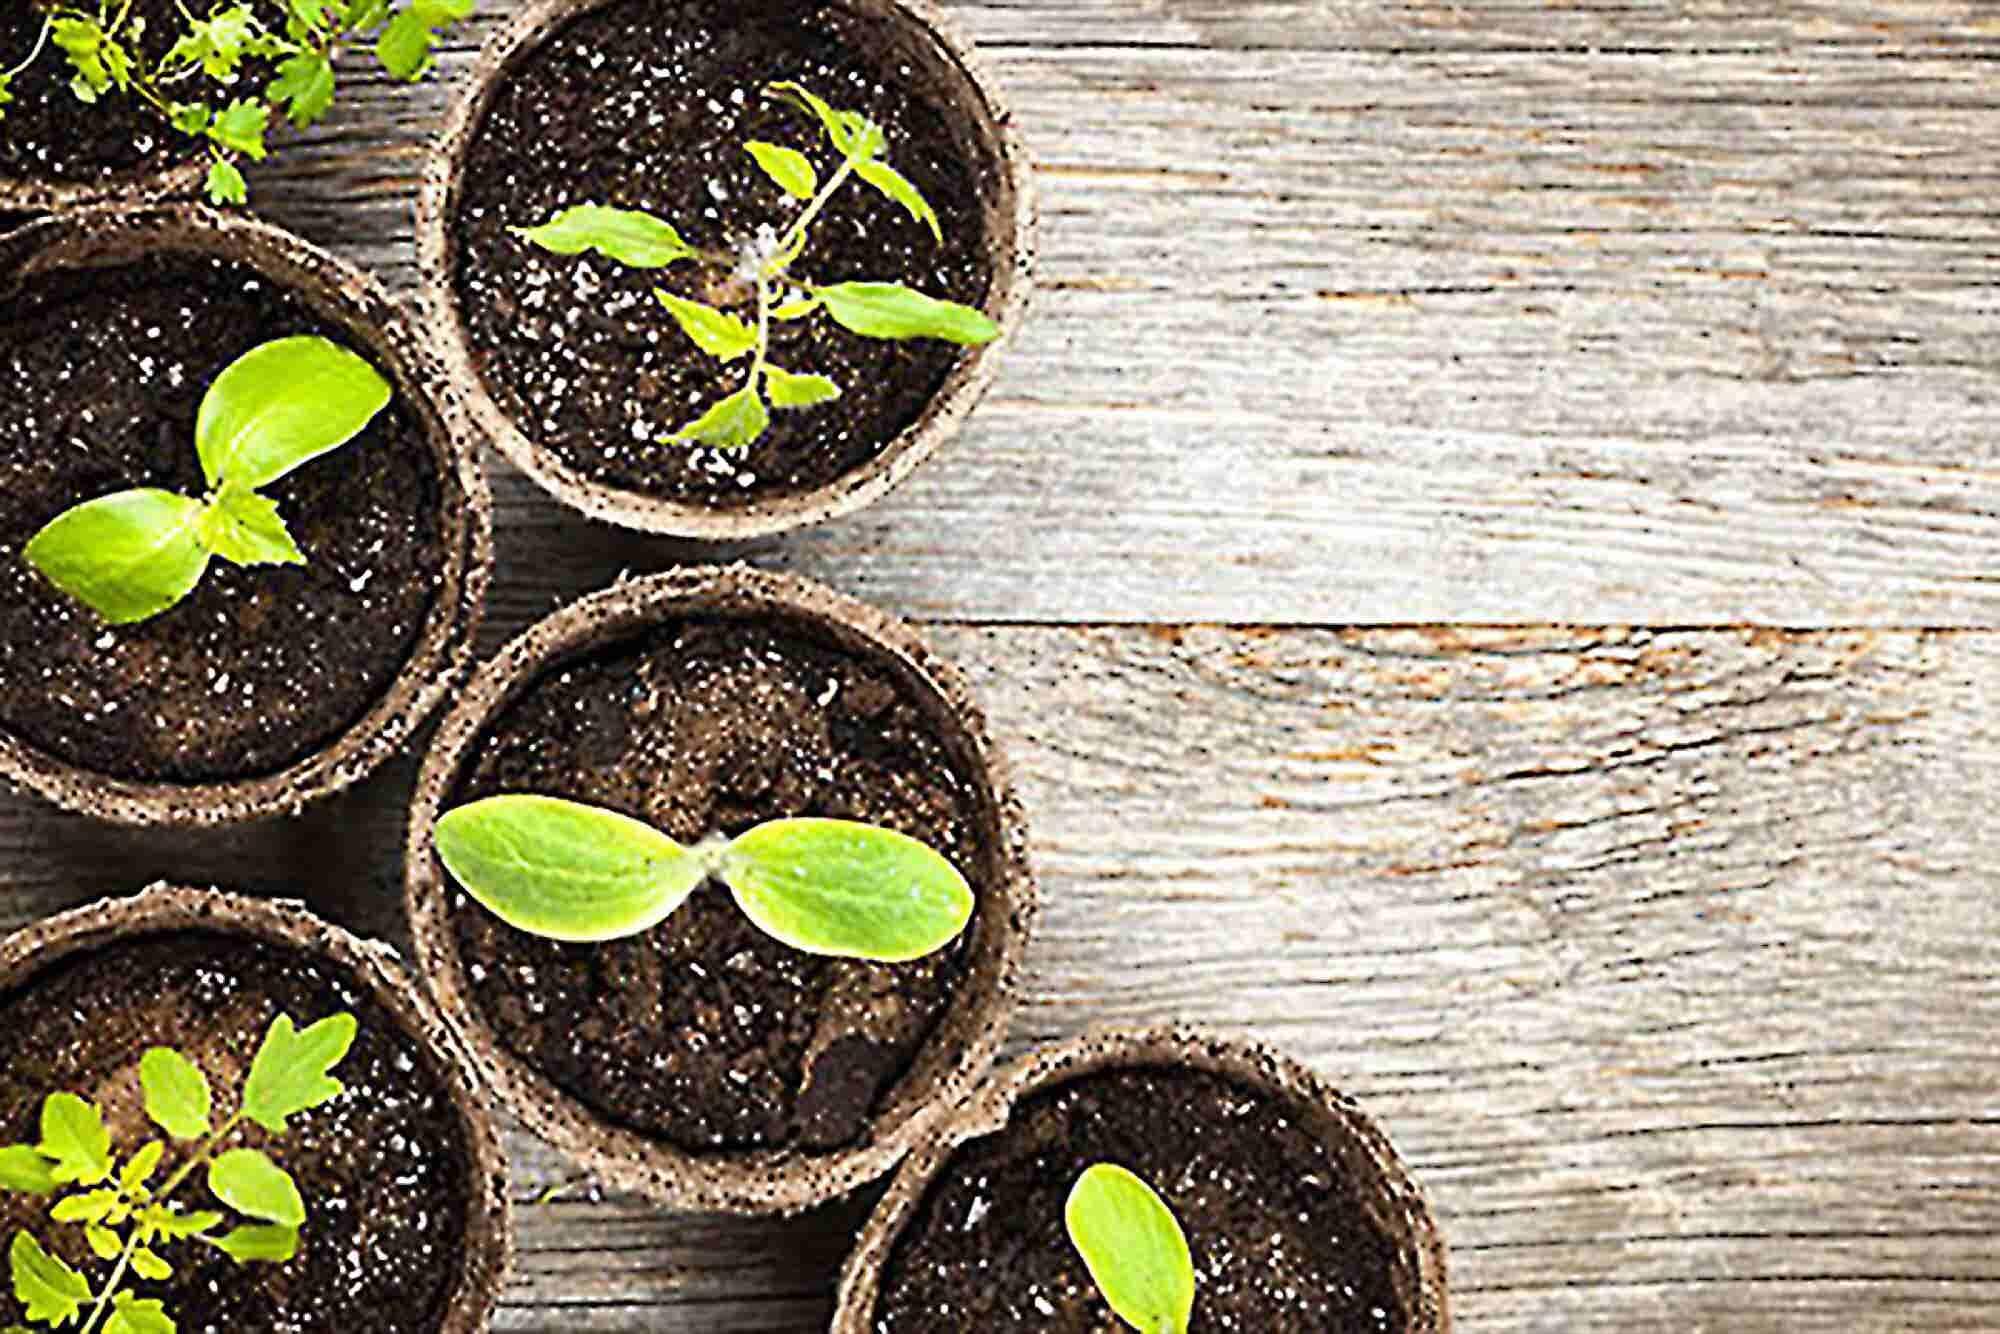 Nurturing Healthy Company Culture Can Yield Unpredictable Benefits